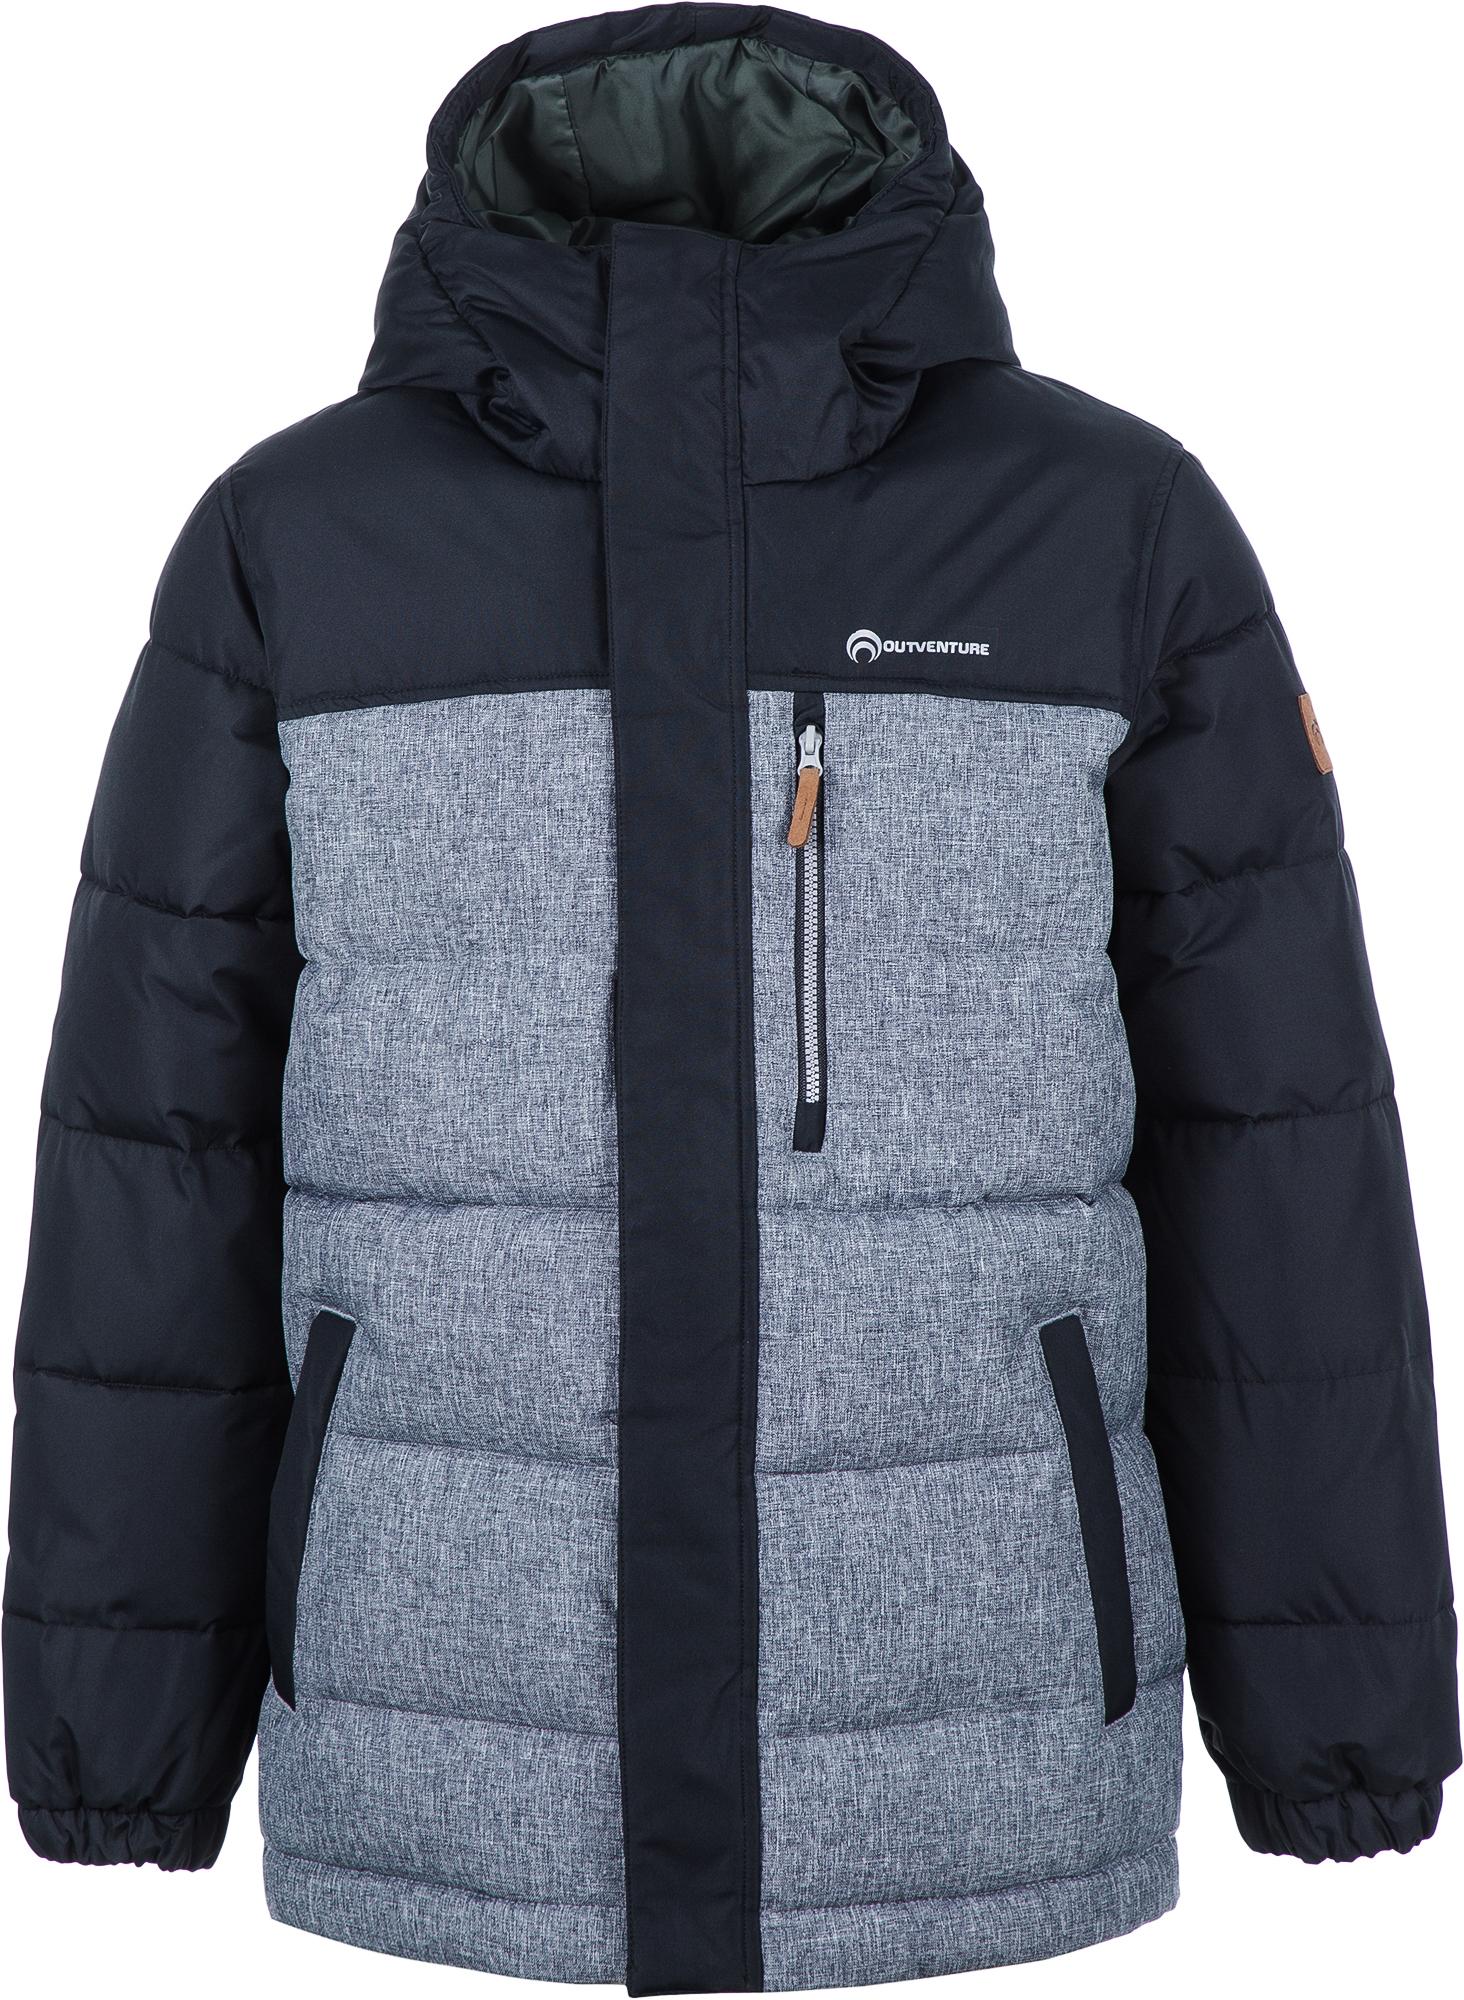 Outventure Куртка утепленная для мальчиков Outventure, размер 170 цена и фото